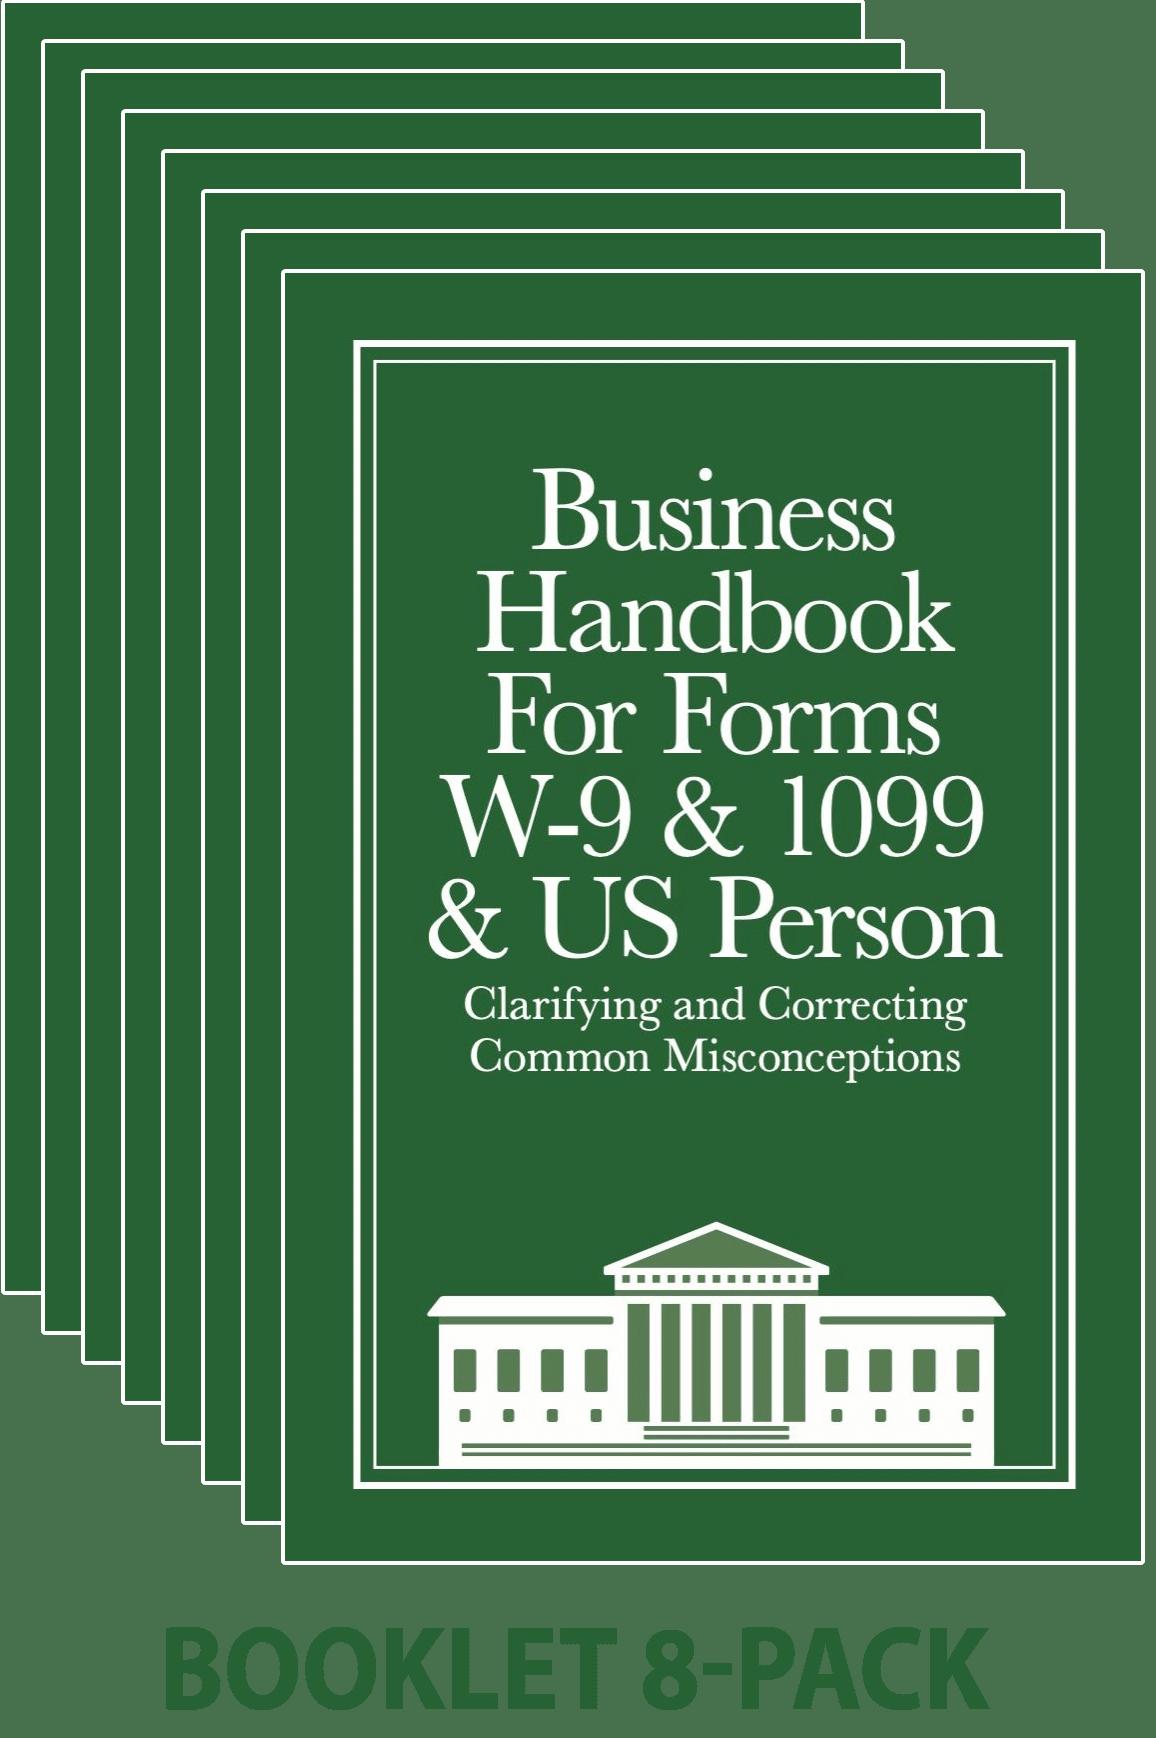 Business W-9 Handbook 8-pack